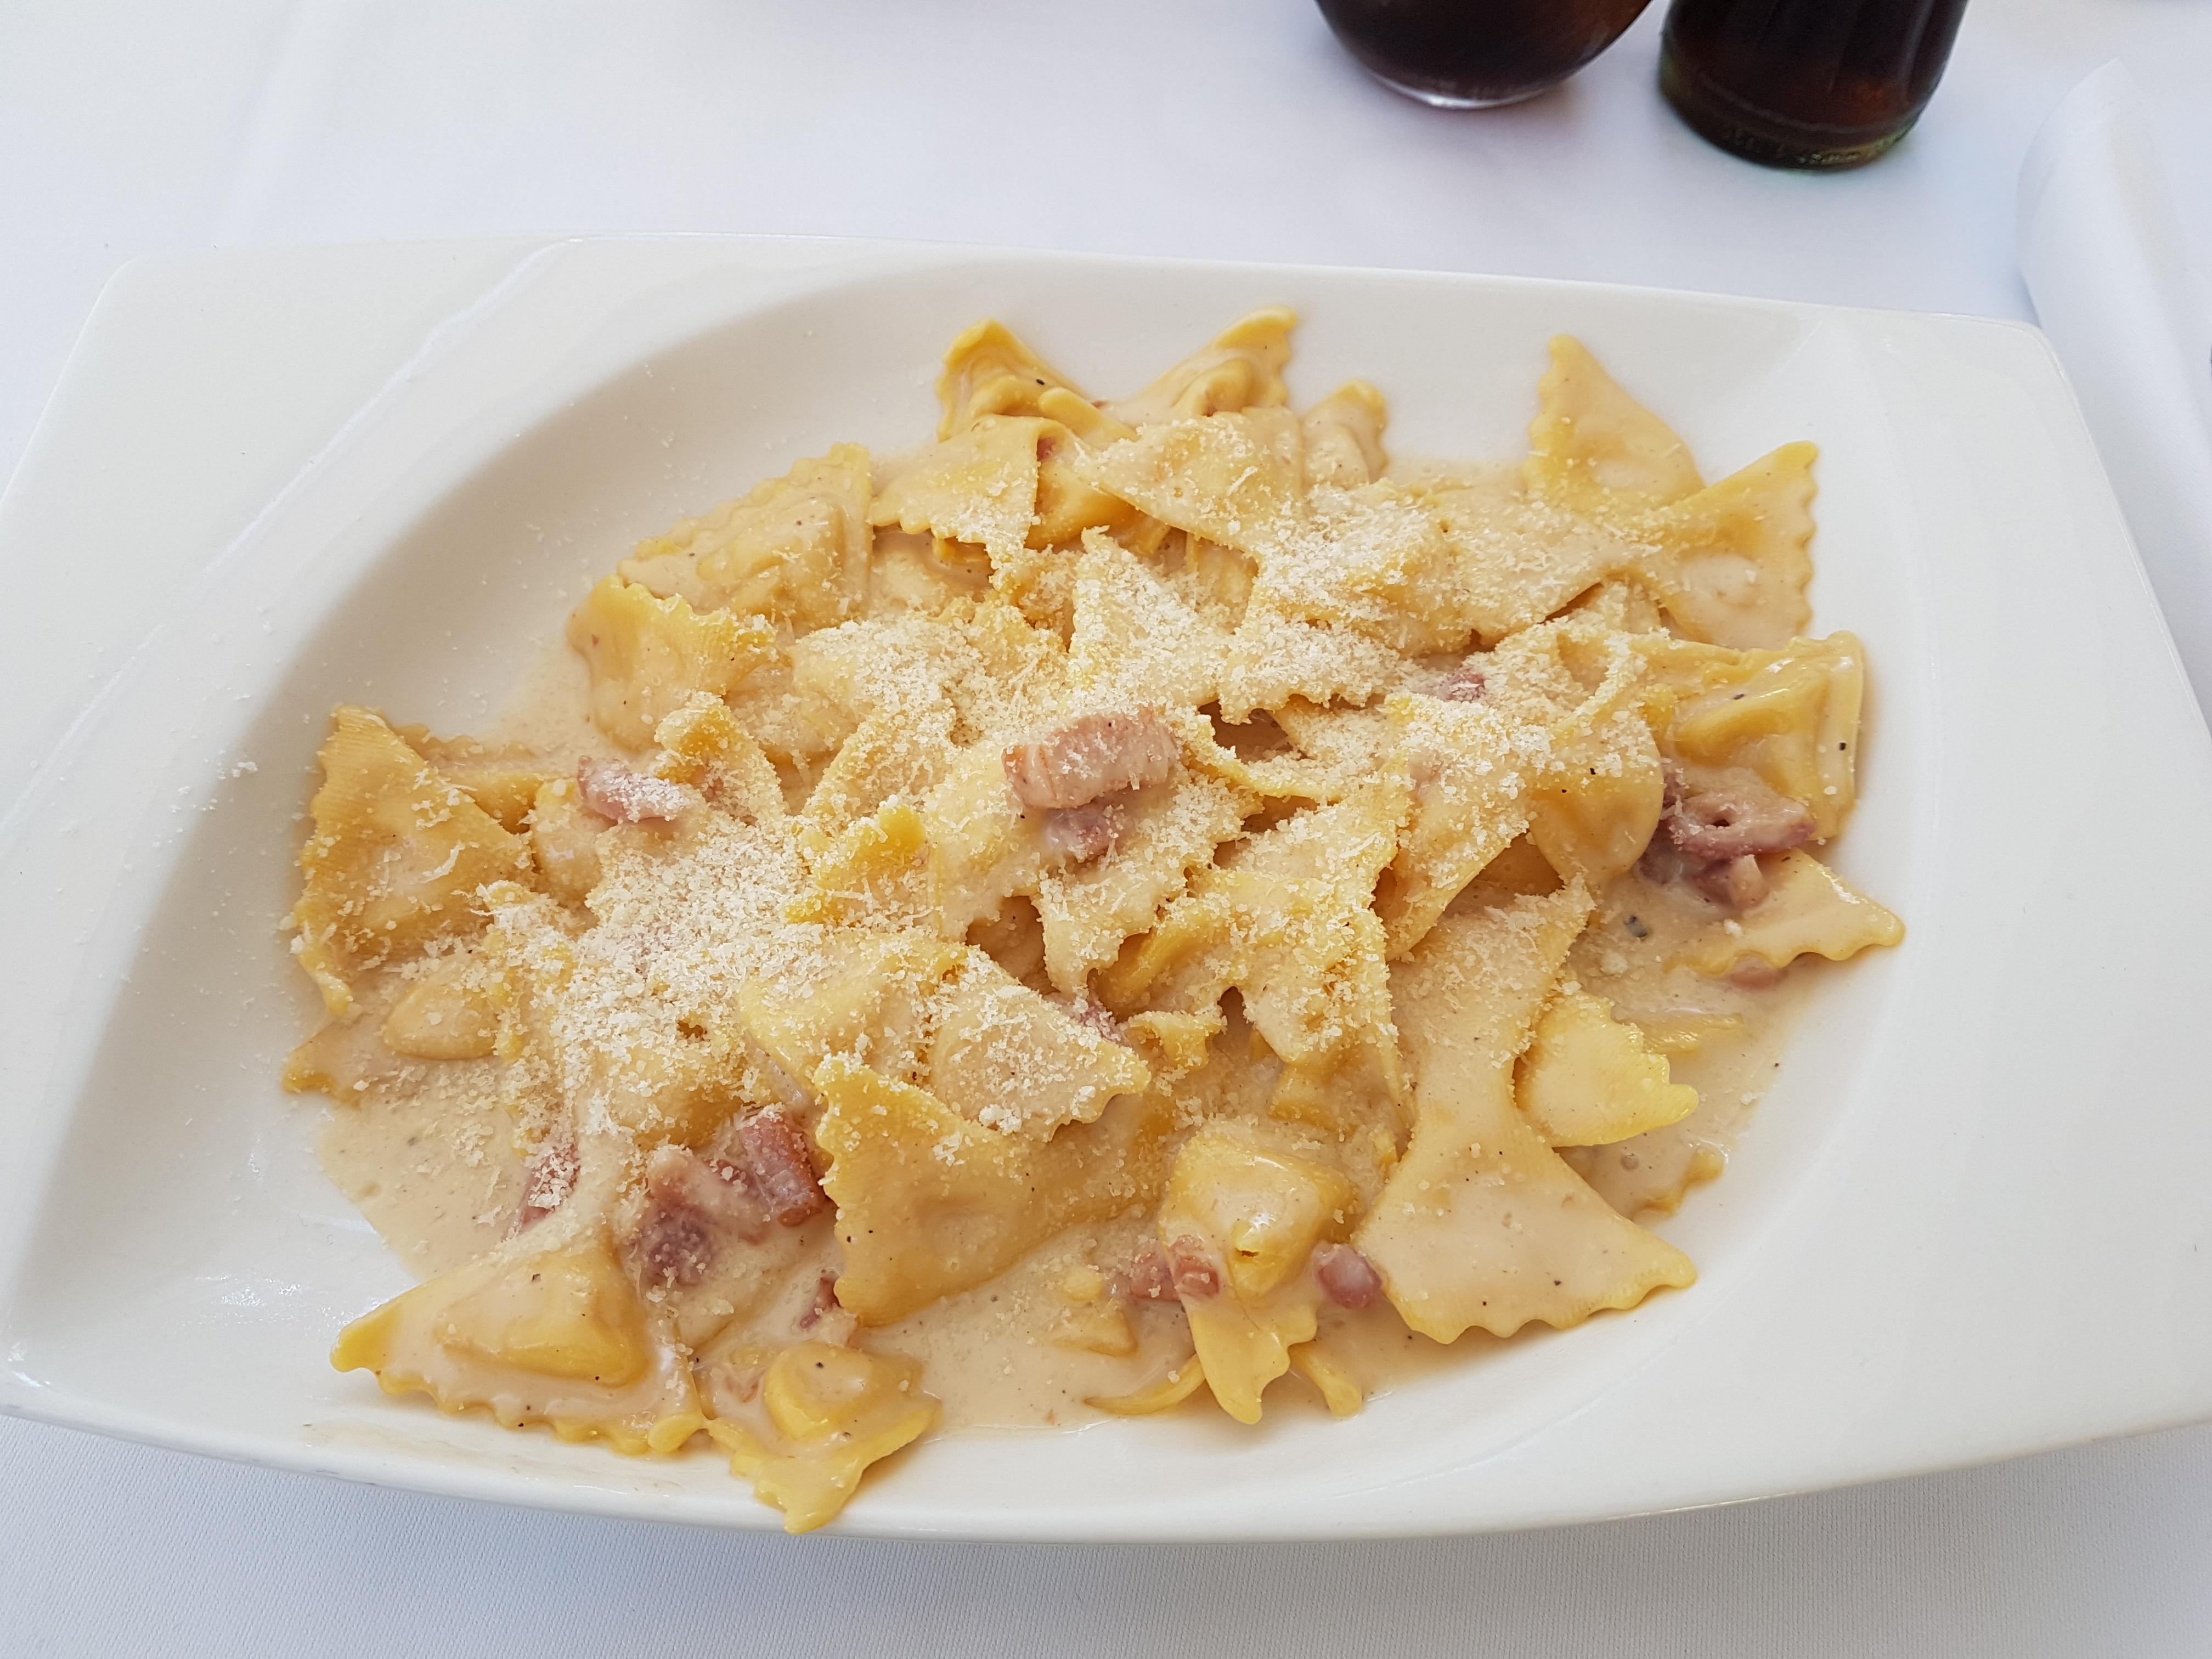 https://foodloader.net/Holz_2019-01-26_Farfalle_Carbonara.jpg